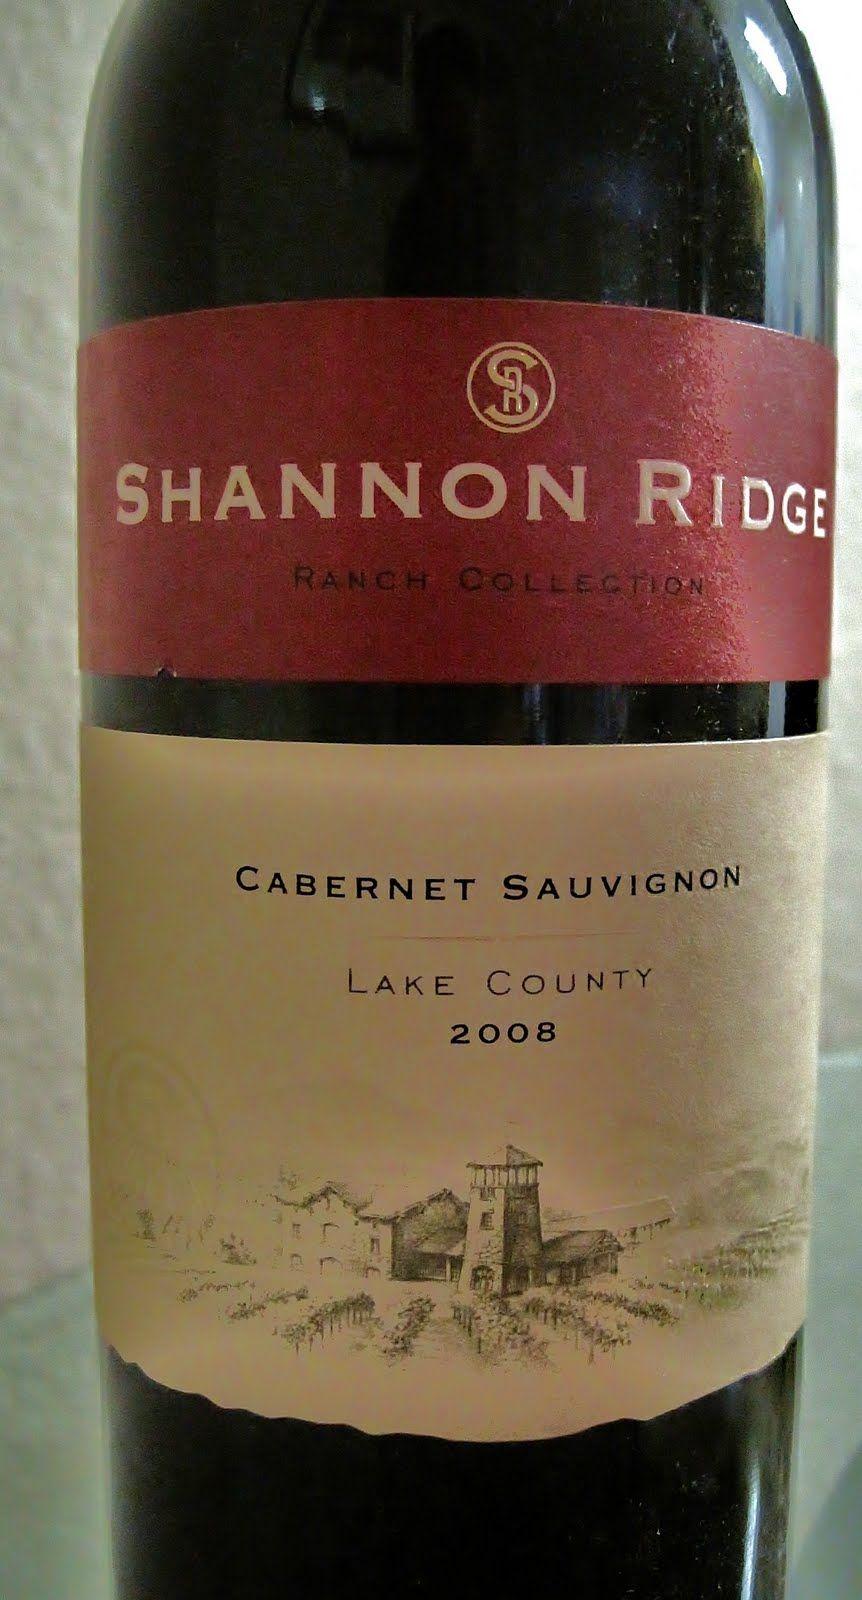 Shannon Ridge 2008 Wine Bottle Wines Wine